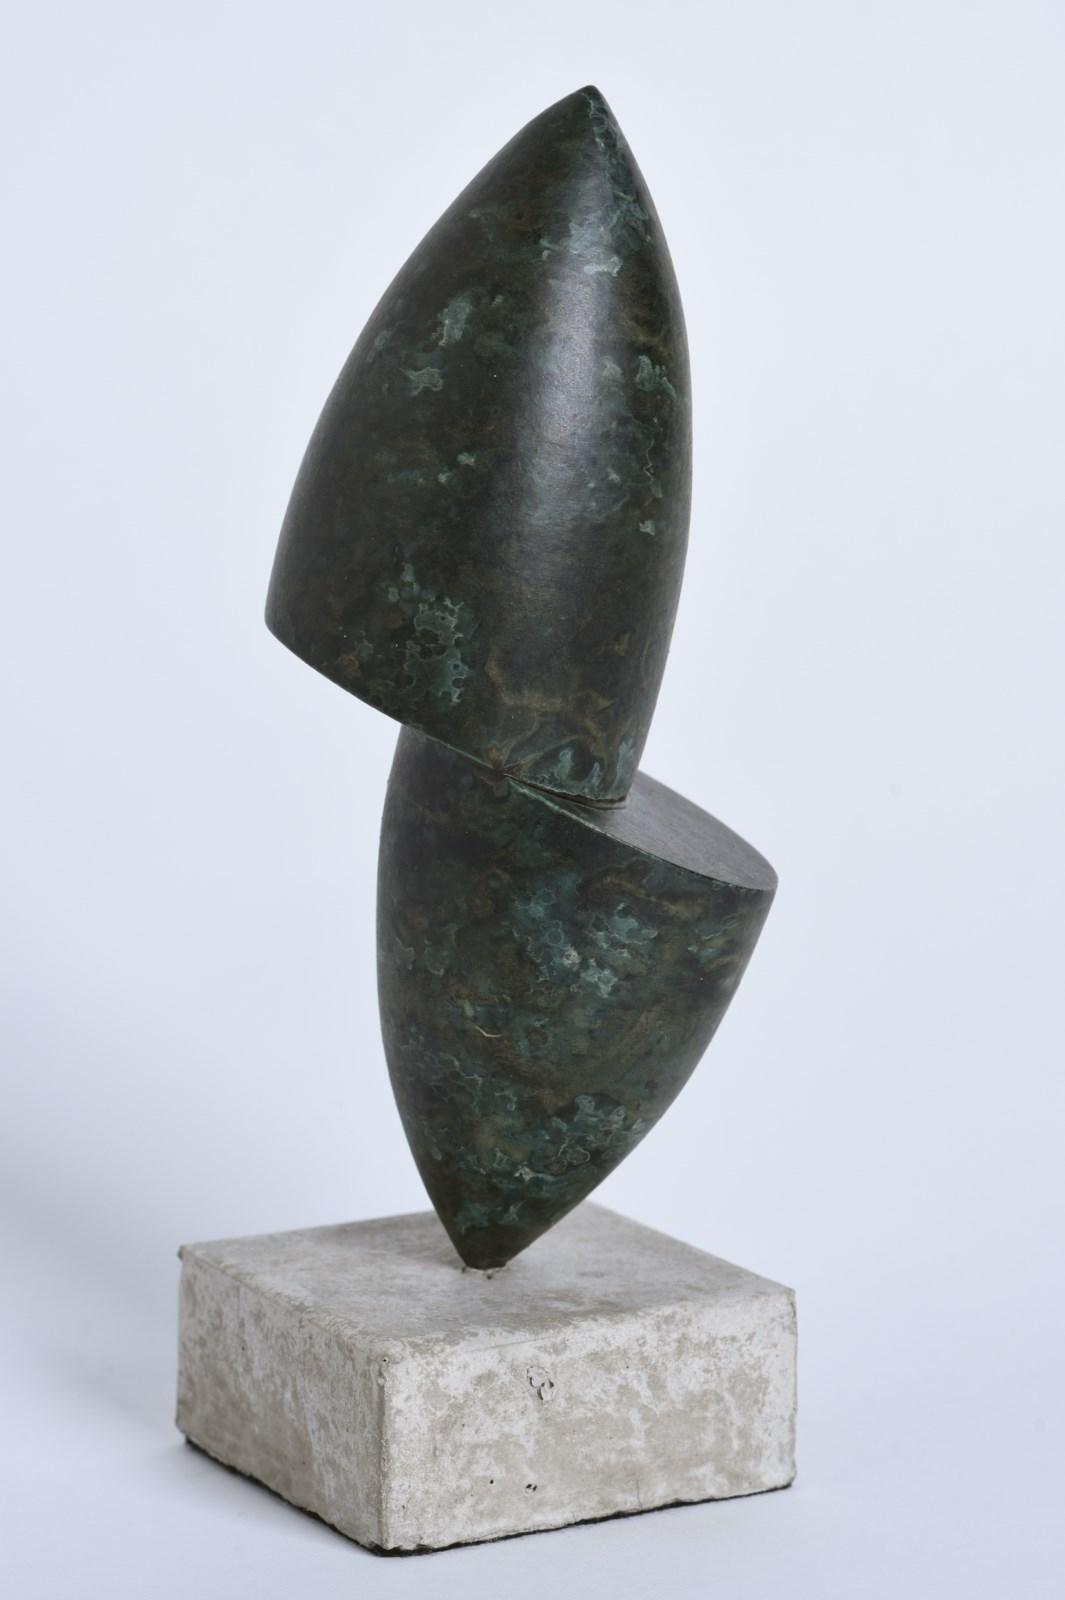 Sculpture-fer-patine-verni-socle-beton-hauteur:21cm-artiste-sculpteur-contemporain-Felix-Valdelievre-2016